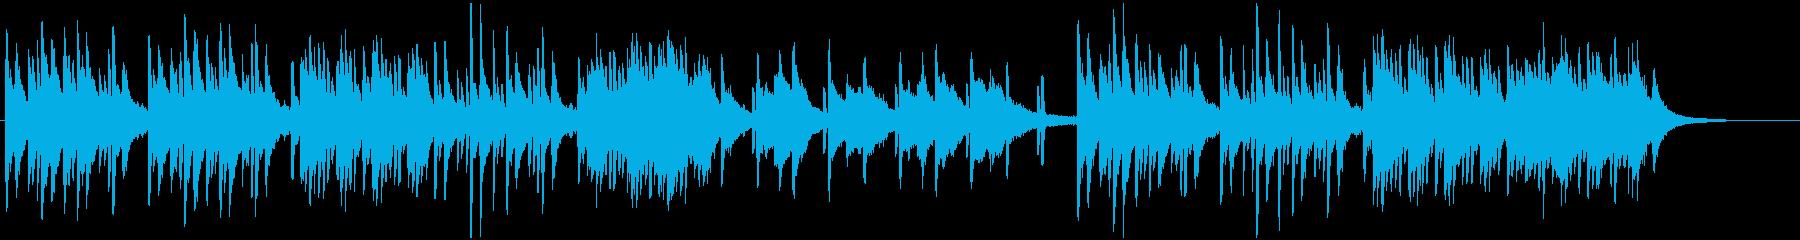 切ないピアノのLo-Fi、チルホップの再生済みの波形